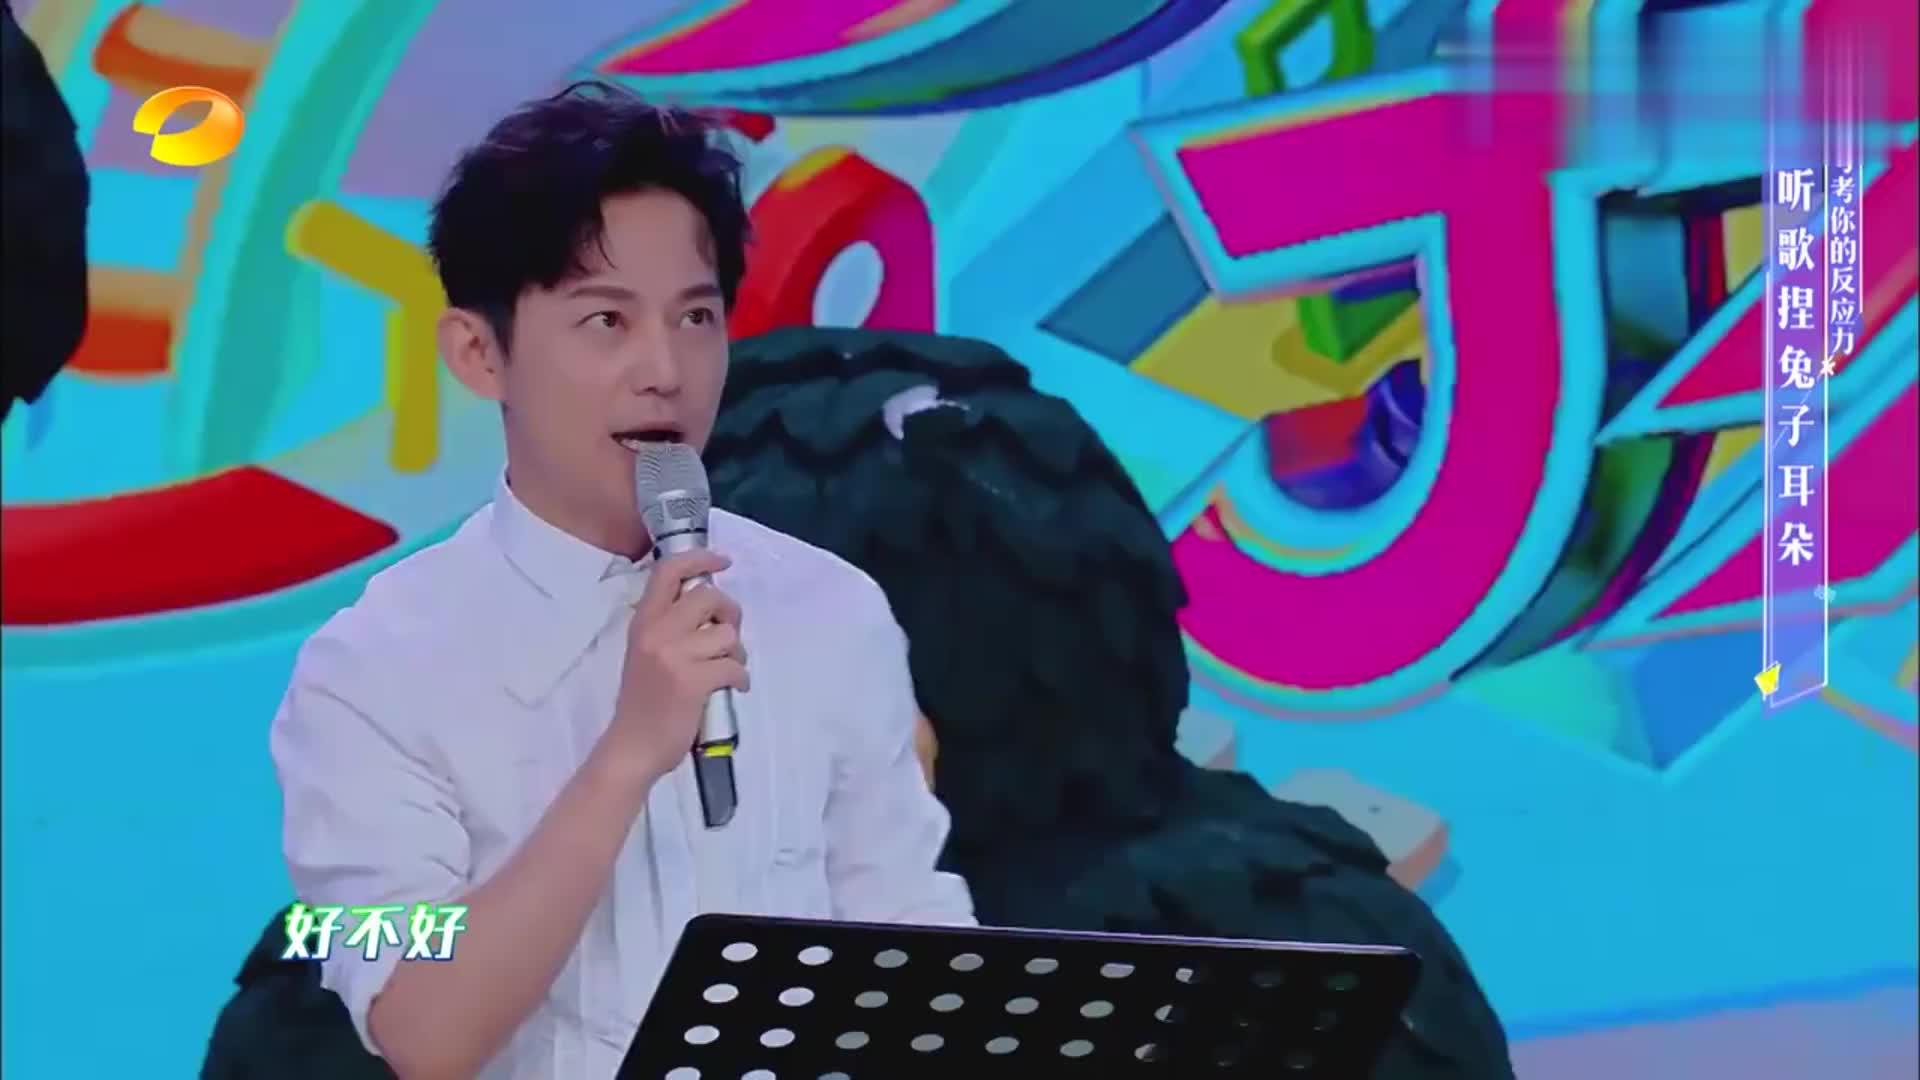 快本-罗云熙首次挑战动作儿歌,竟直接成功完成,不愧是孩子王!